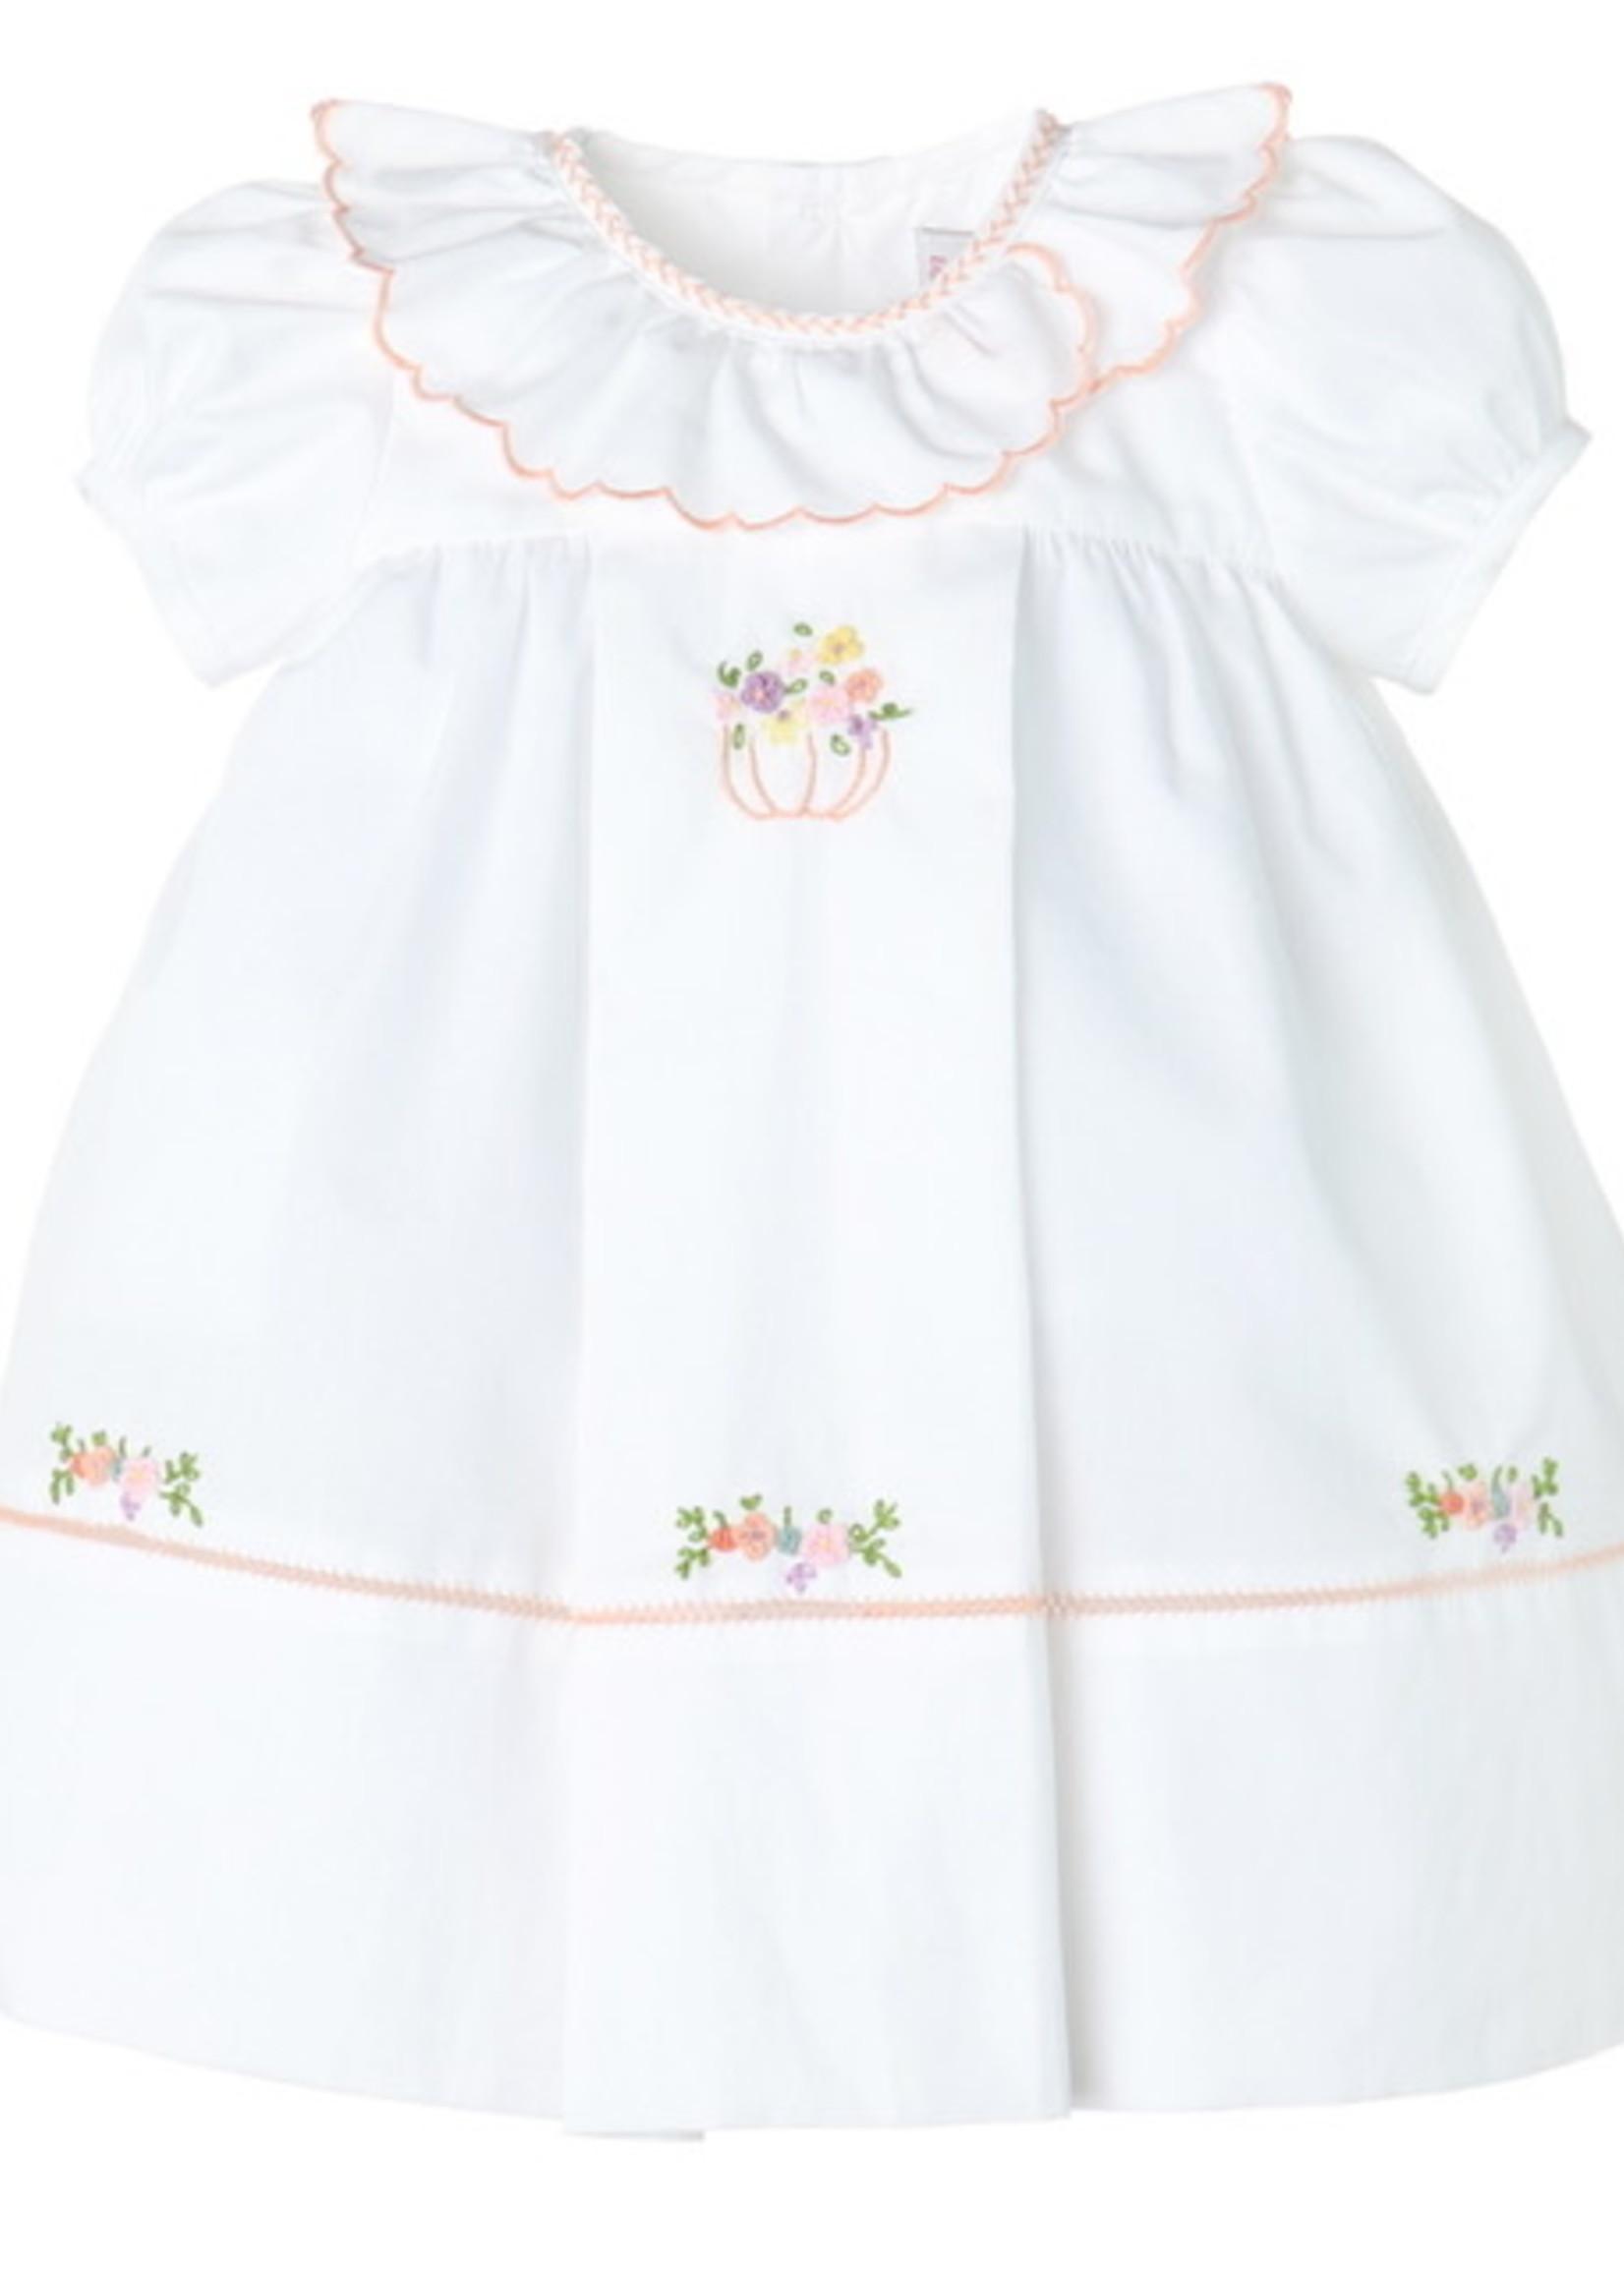 Floral Pumpkin Ruffle Dress